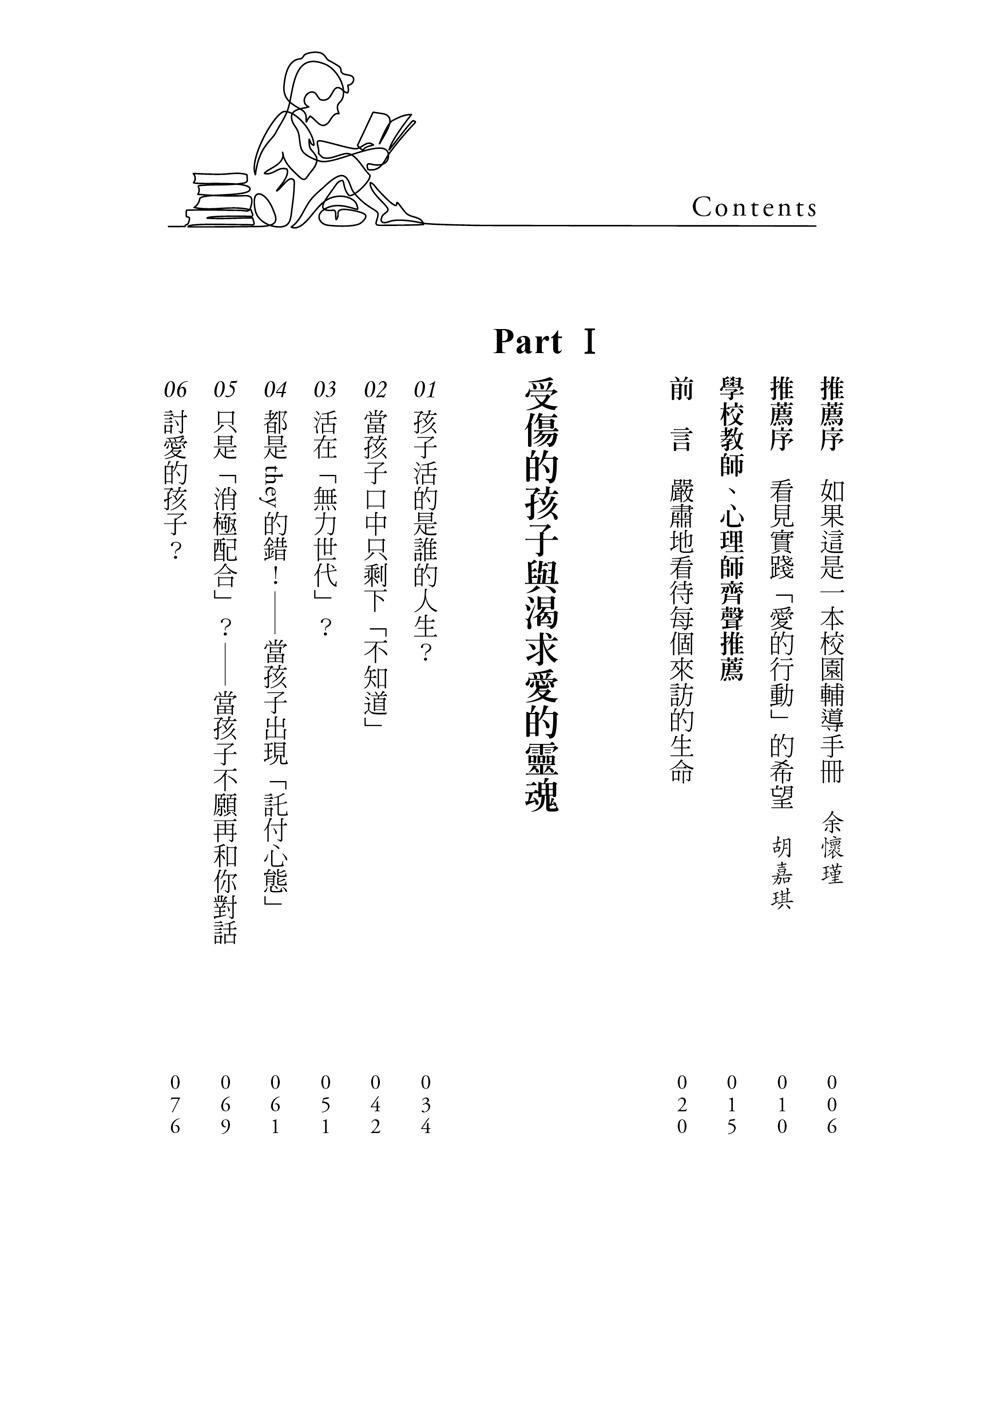 http://im1.book.com.tw/image/getImage?i=http://www.books.com.tw/img/001/077/08/0010770814_b_02.jpg&v=5a0c1764&w=655&h=609